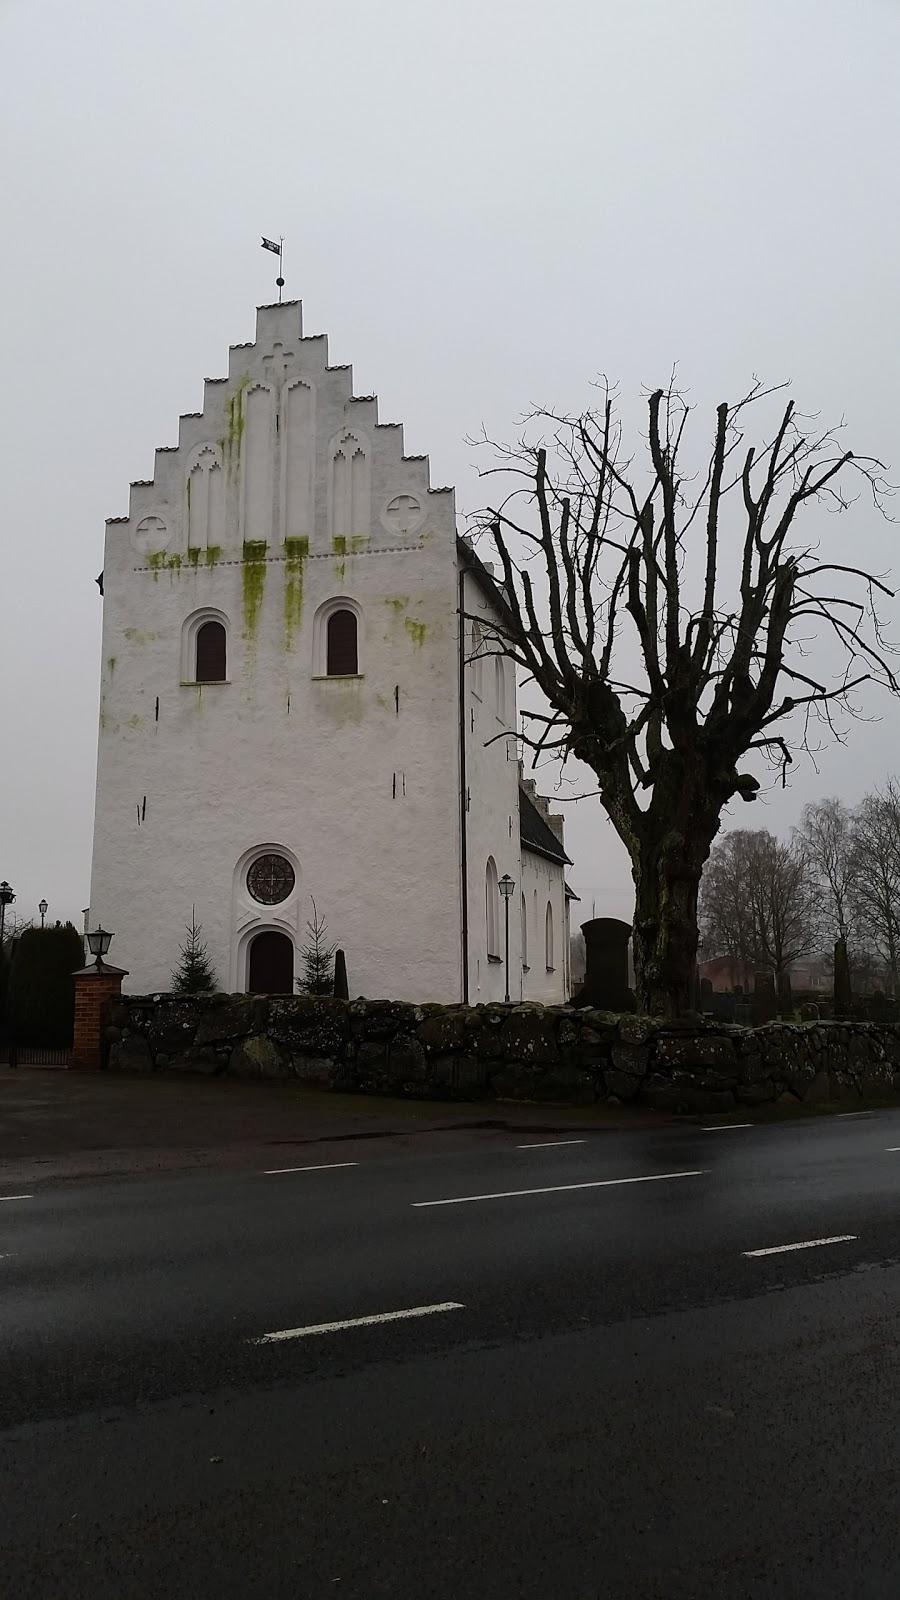 Östra Broby Kyrkogård